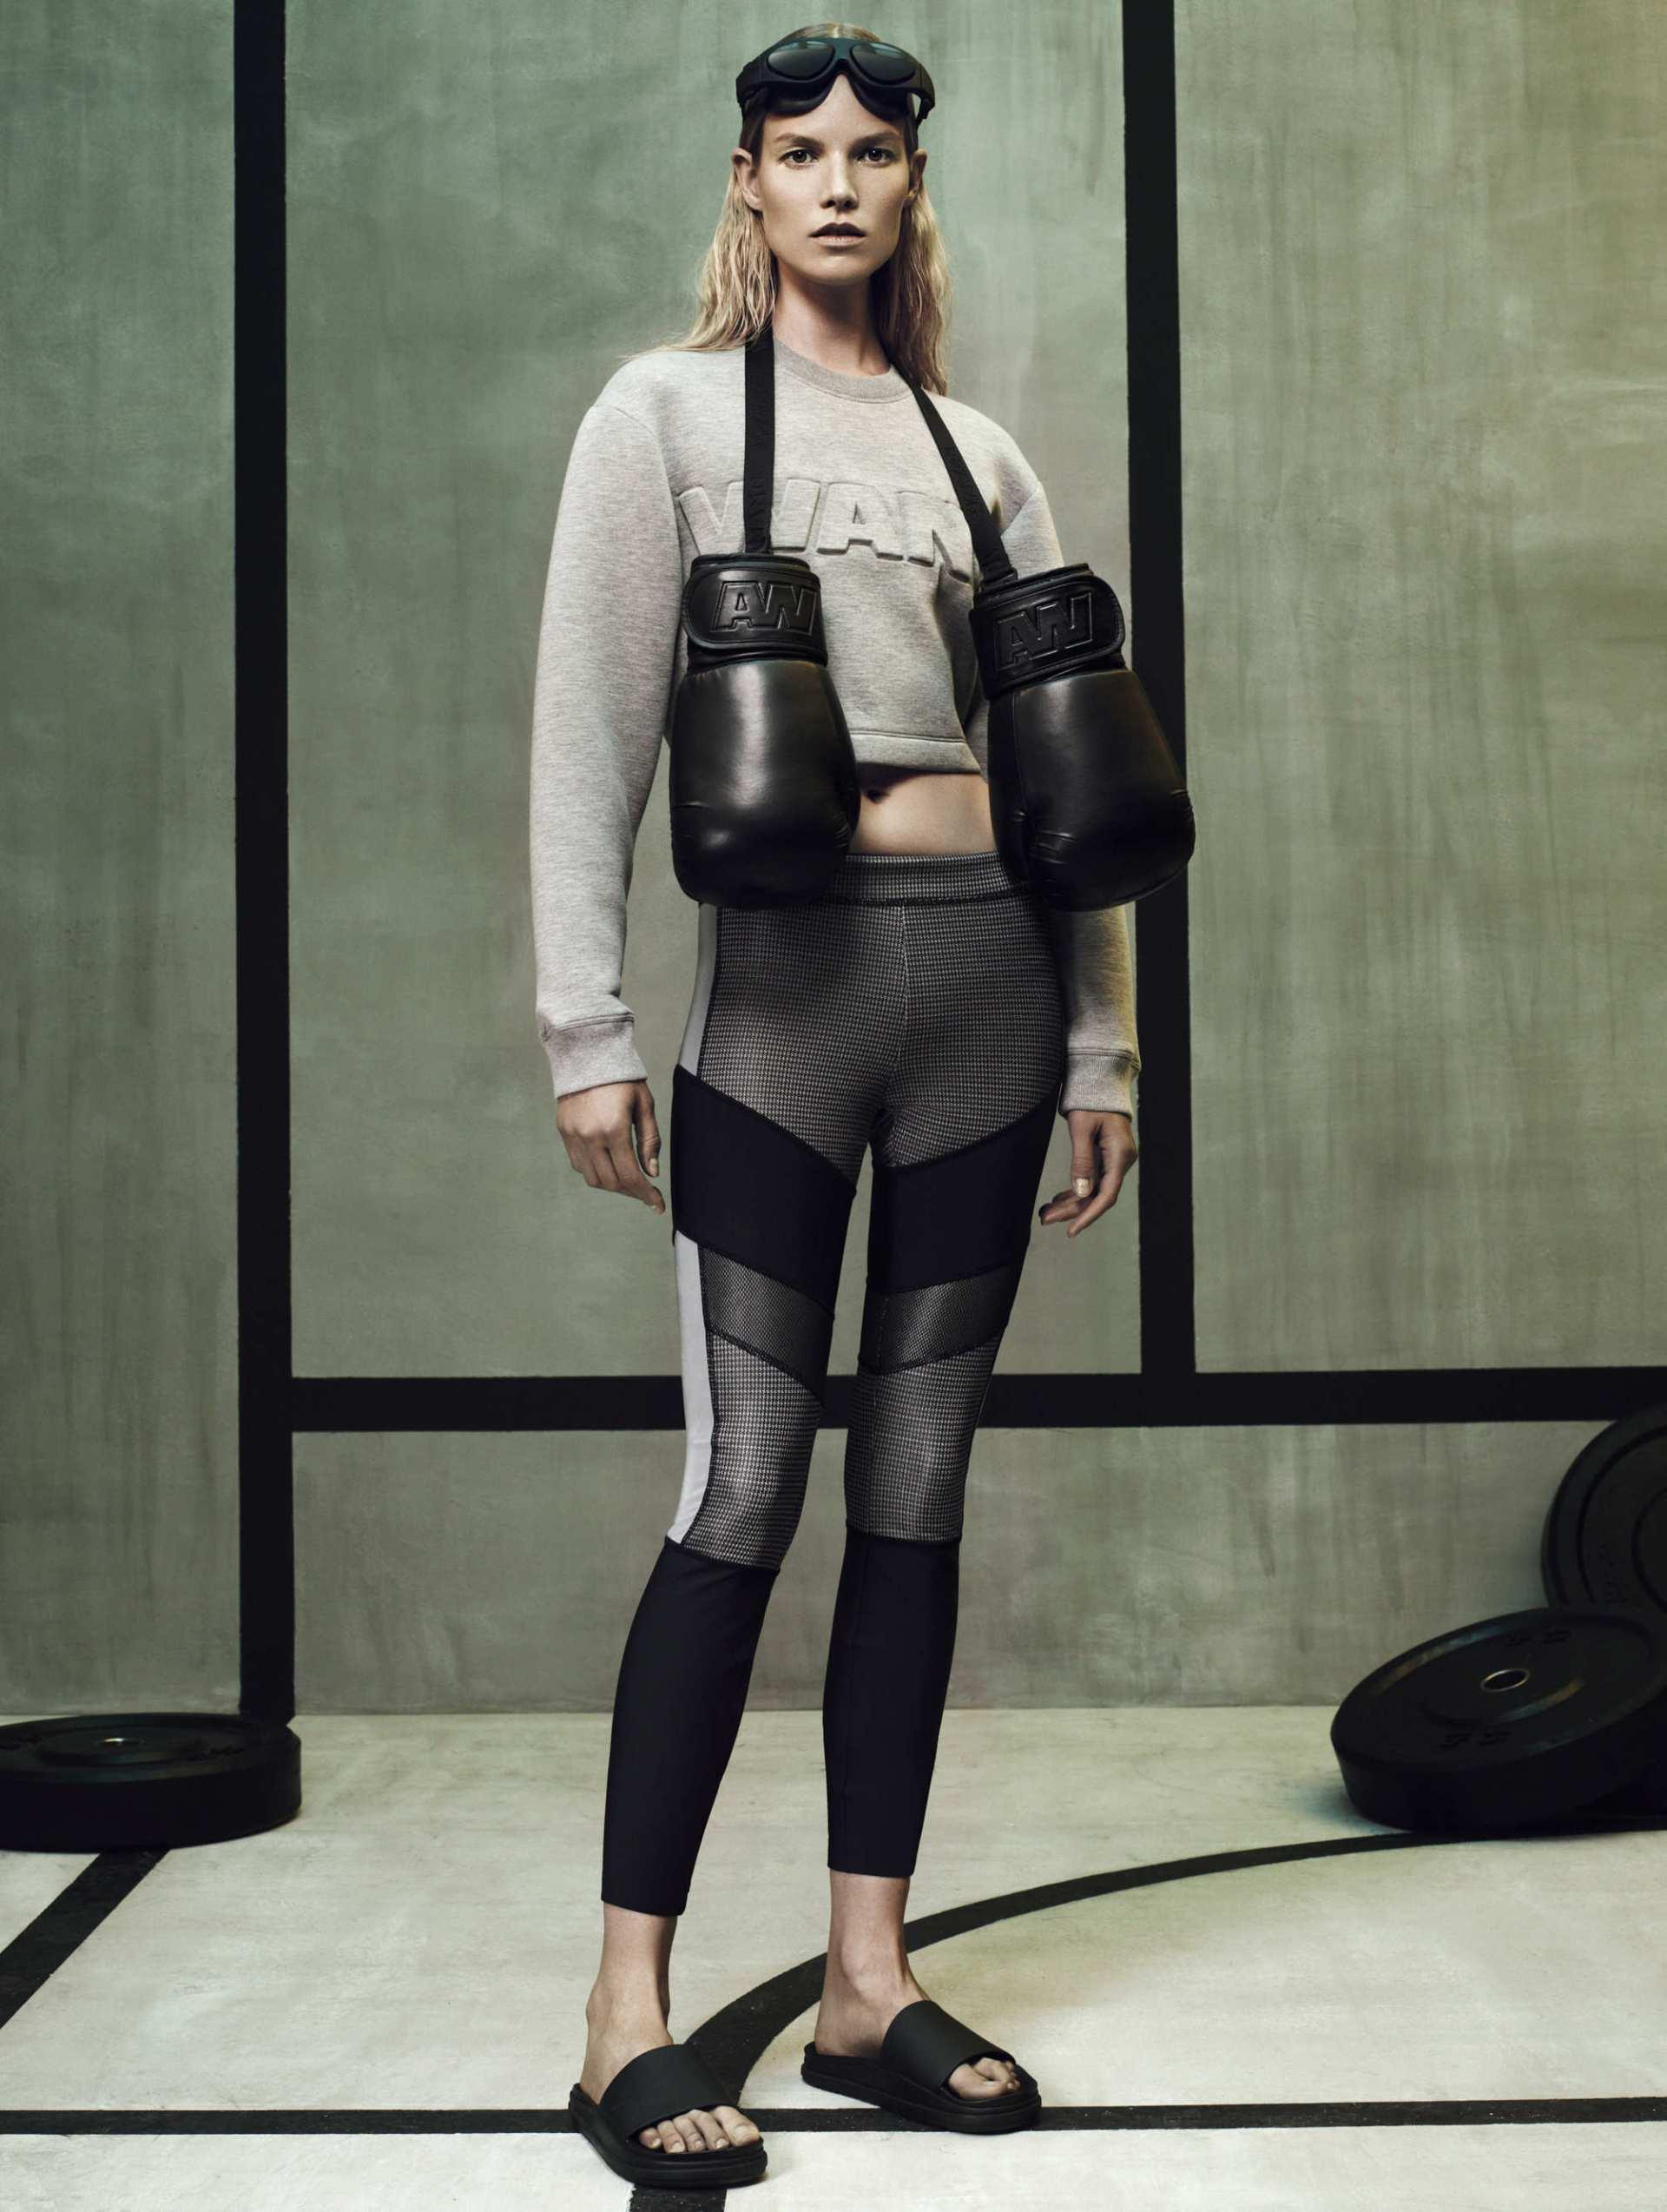 H&M x WANG 2014